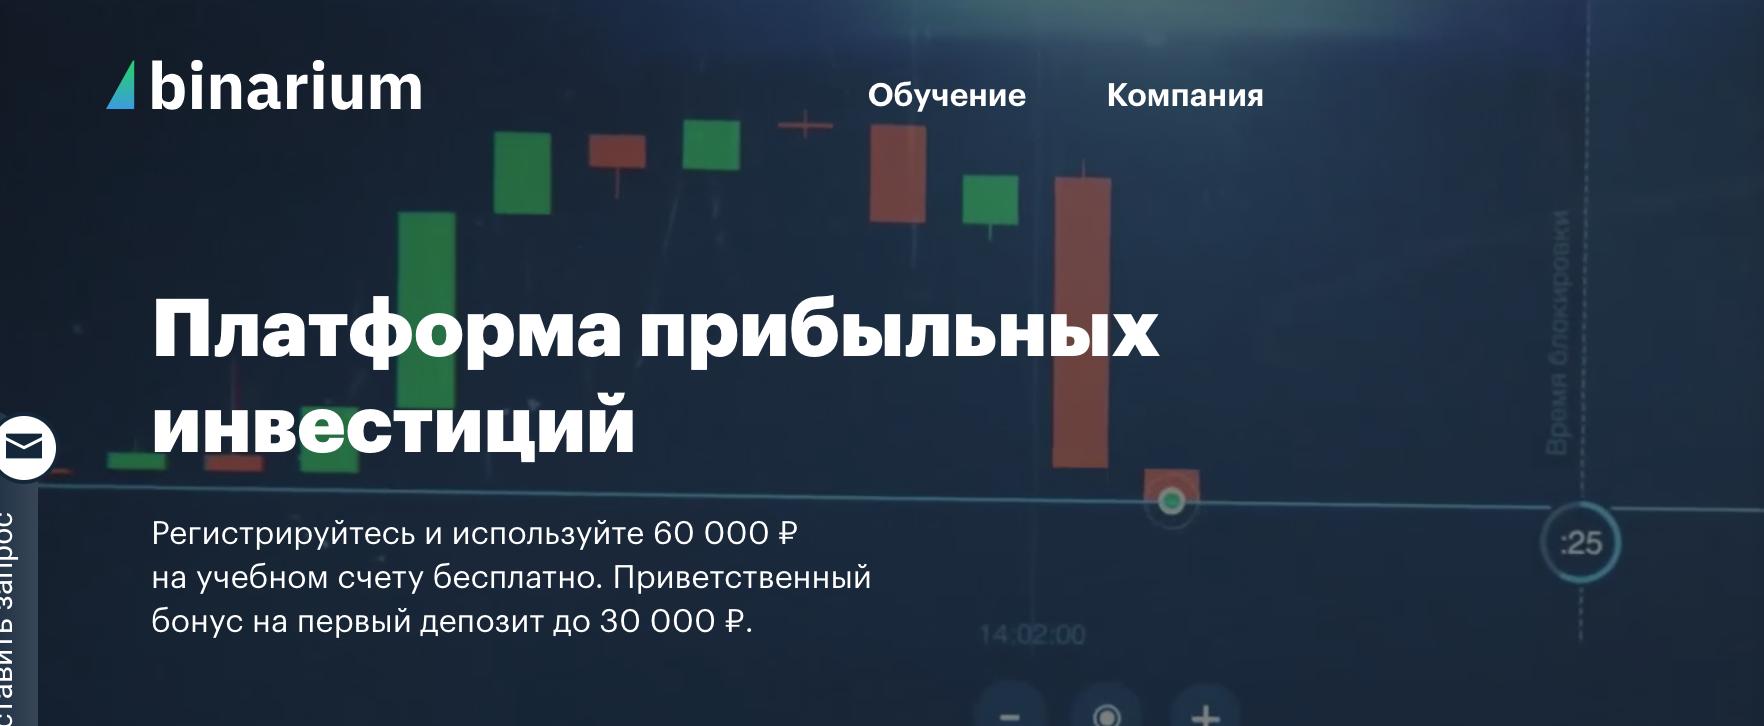 Binarium - брокер бинарных опционов с мгновенными выплатами